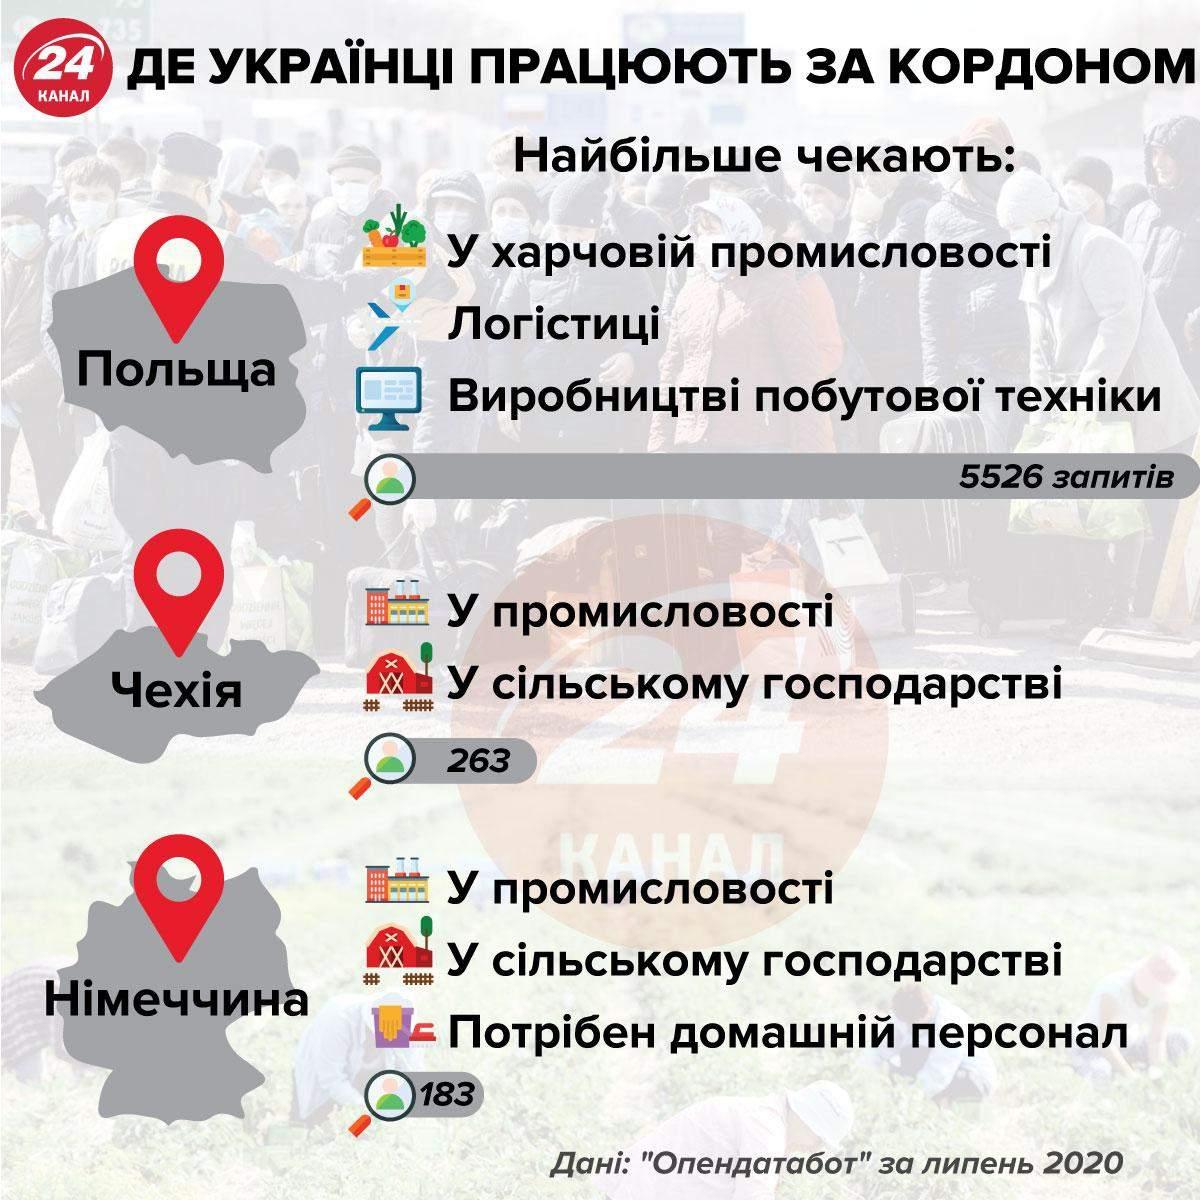 Де українці працюють закордоном інфографіка 24 канал